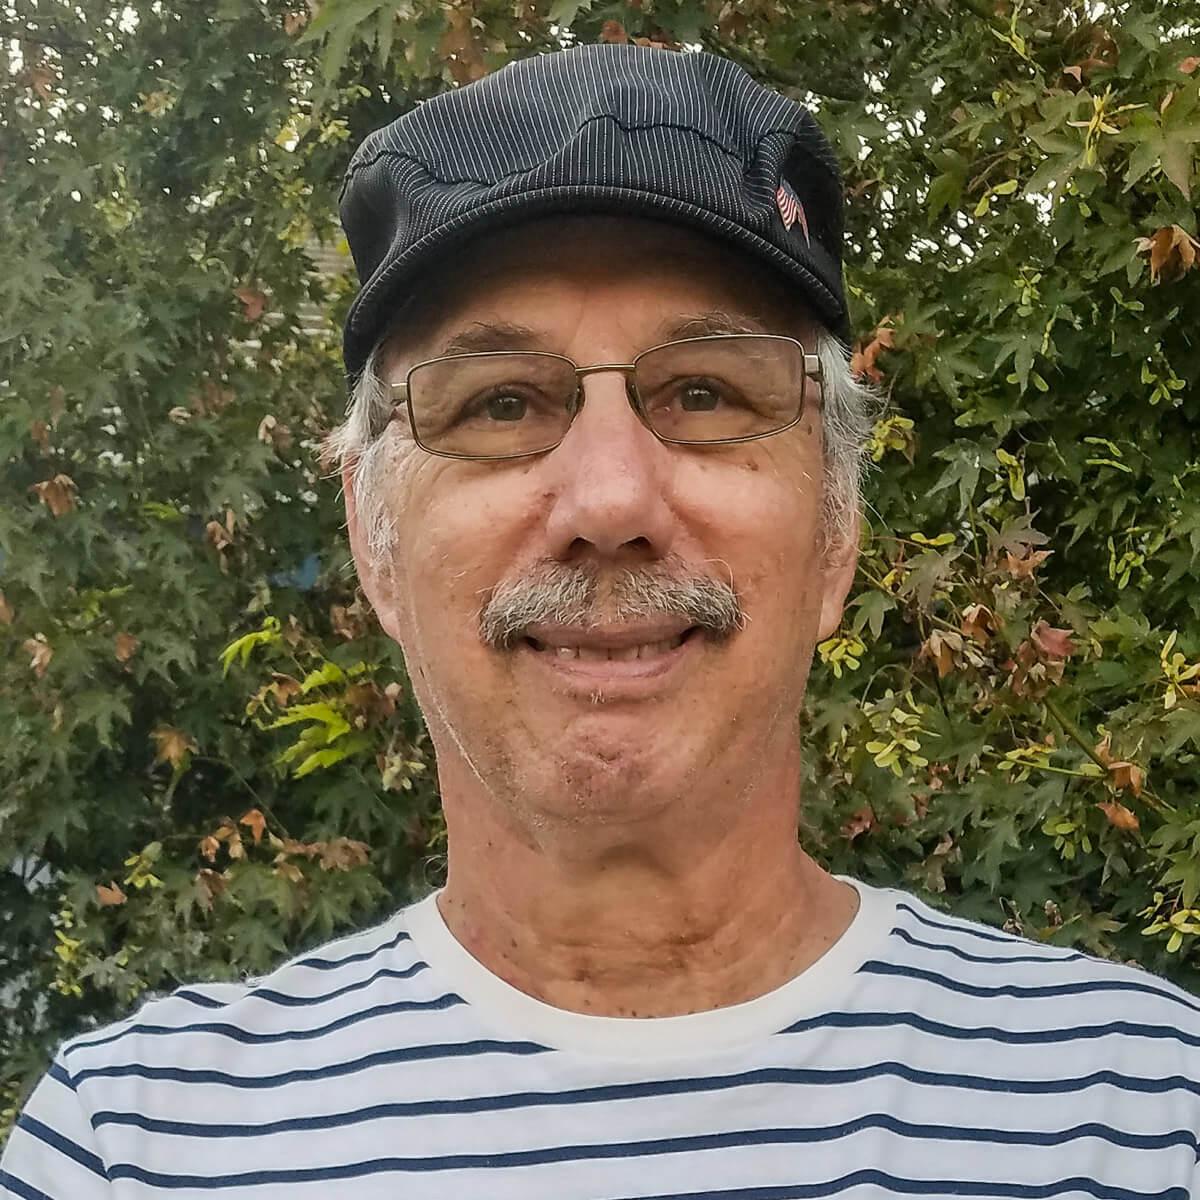 Ron Birchard